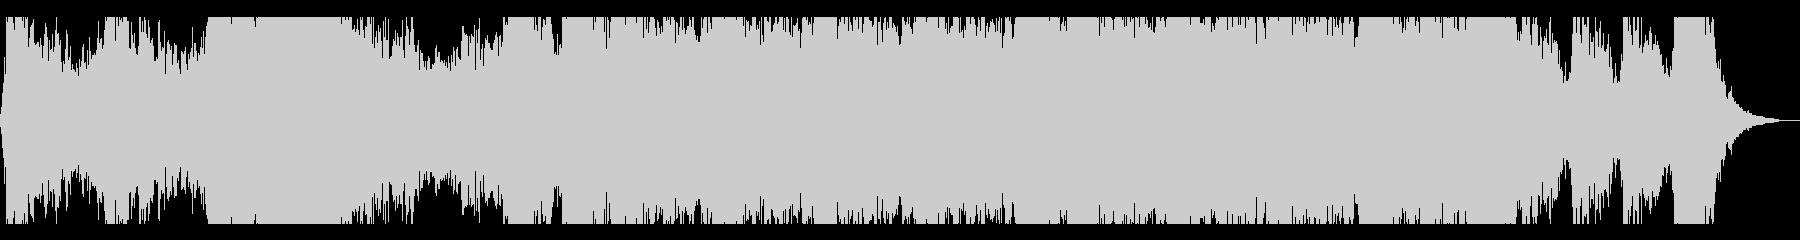 現代の交響曲 前衛交響曲 広い 壮...の未再生の波形